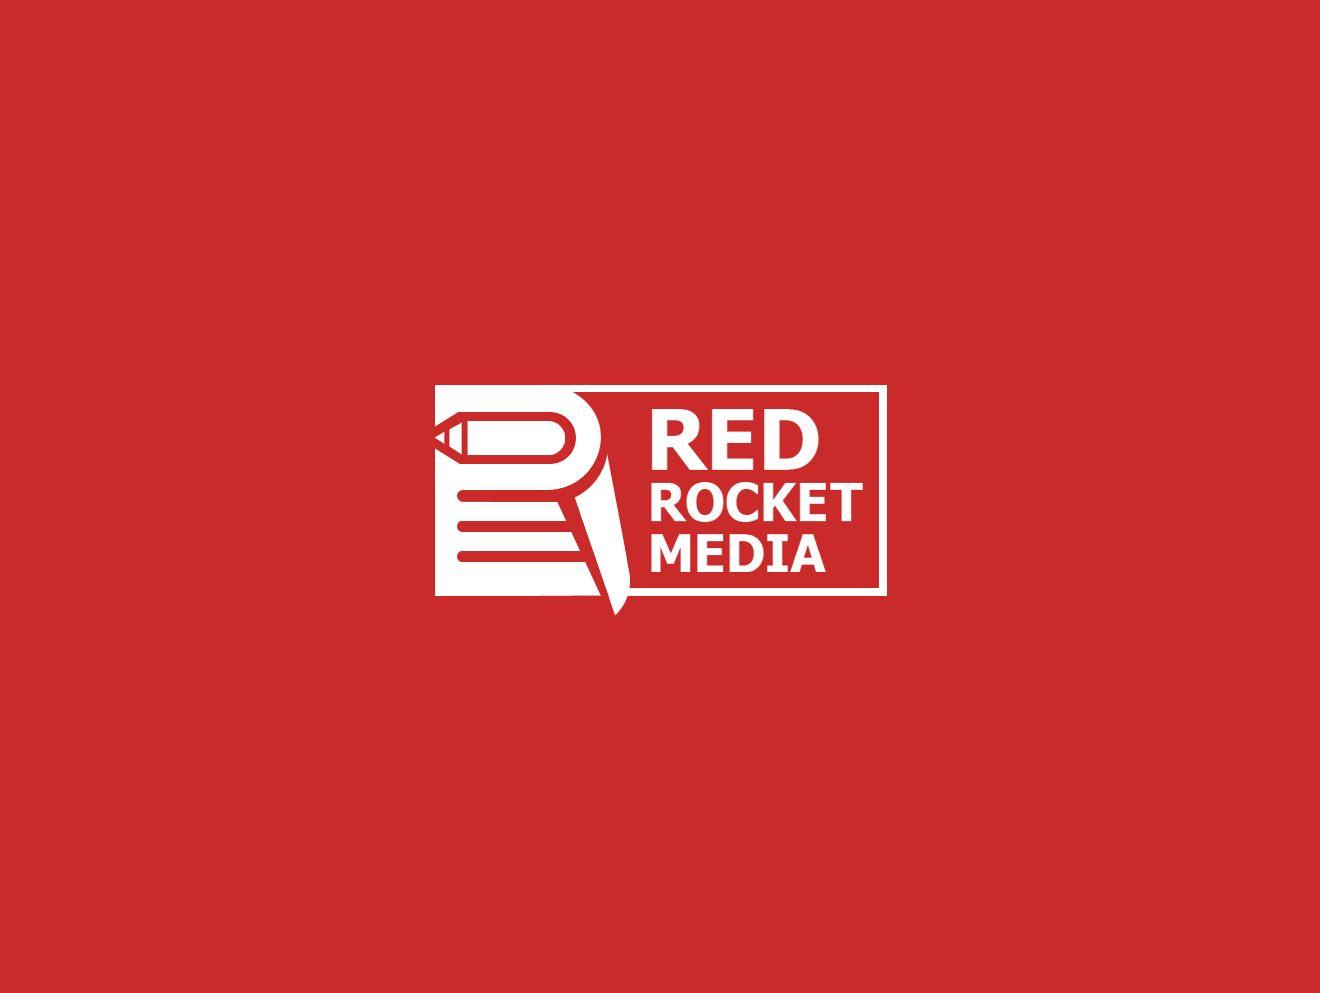 Лого и фирменный стиль для RedRocketMedia - дизайнер webgrafika